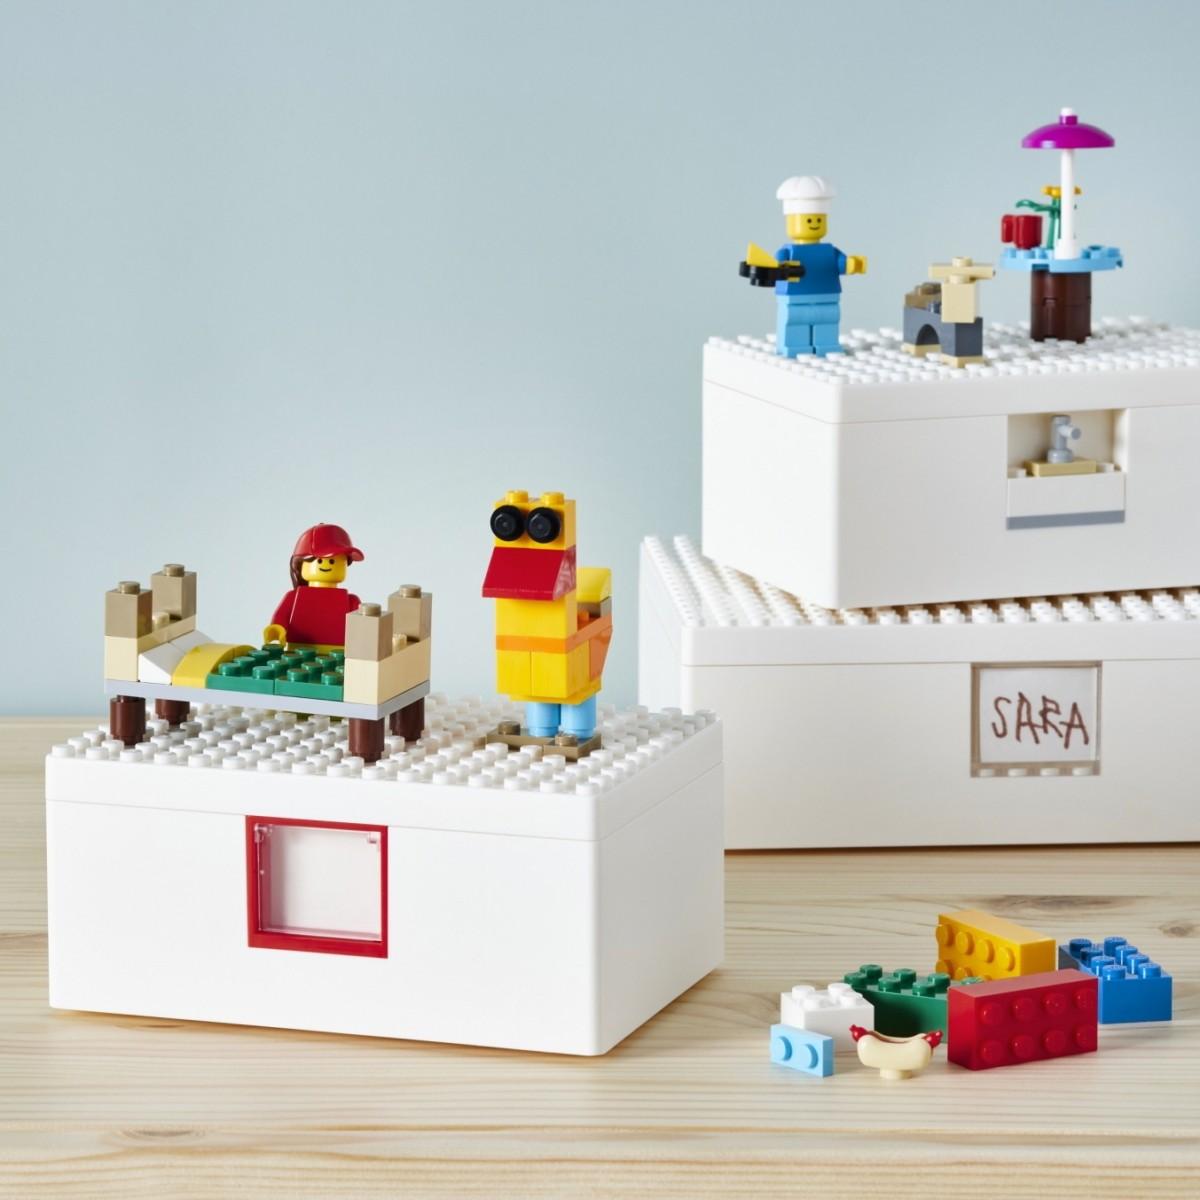 LEGO e Ikea criam coleção de caixas de armazenamento que servem para brincar (Foto: Ikea)